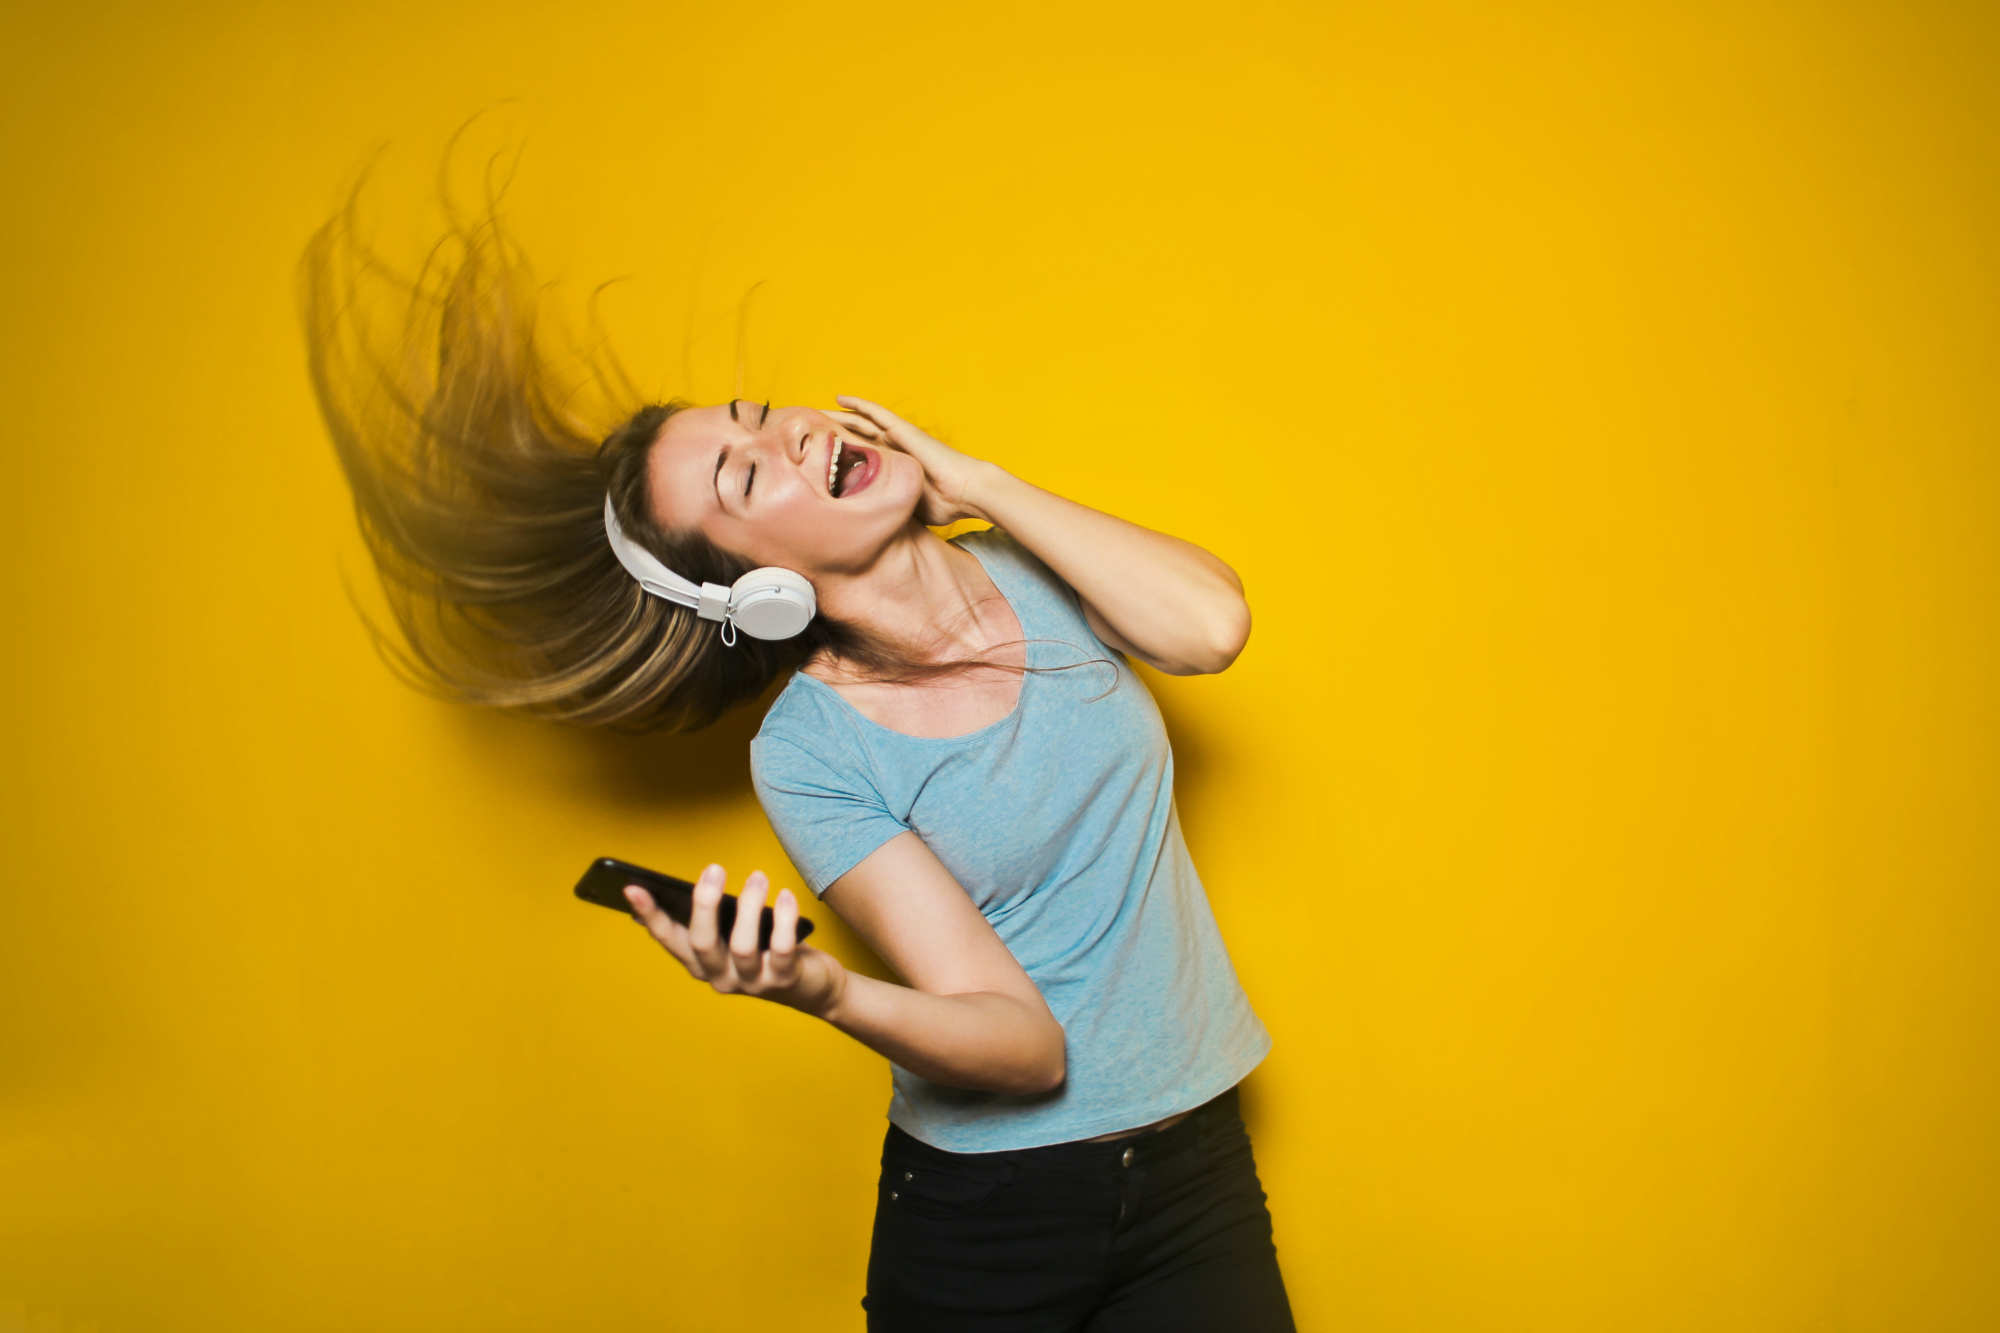 Pourquoi perdez-vous l'ouïe pendant un certain temps après avoir écouté des sons forts ?